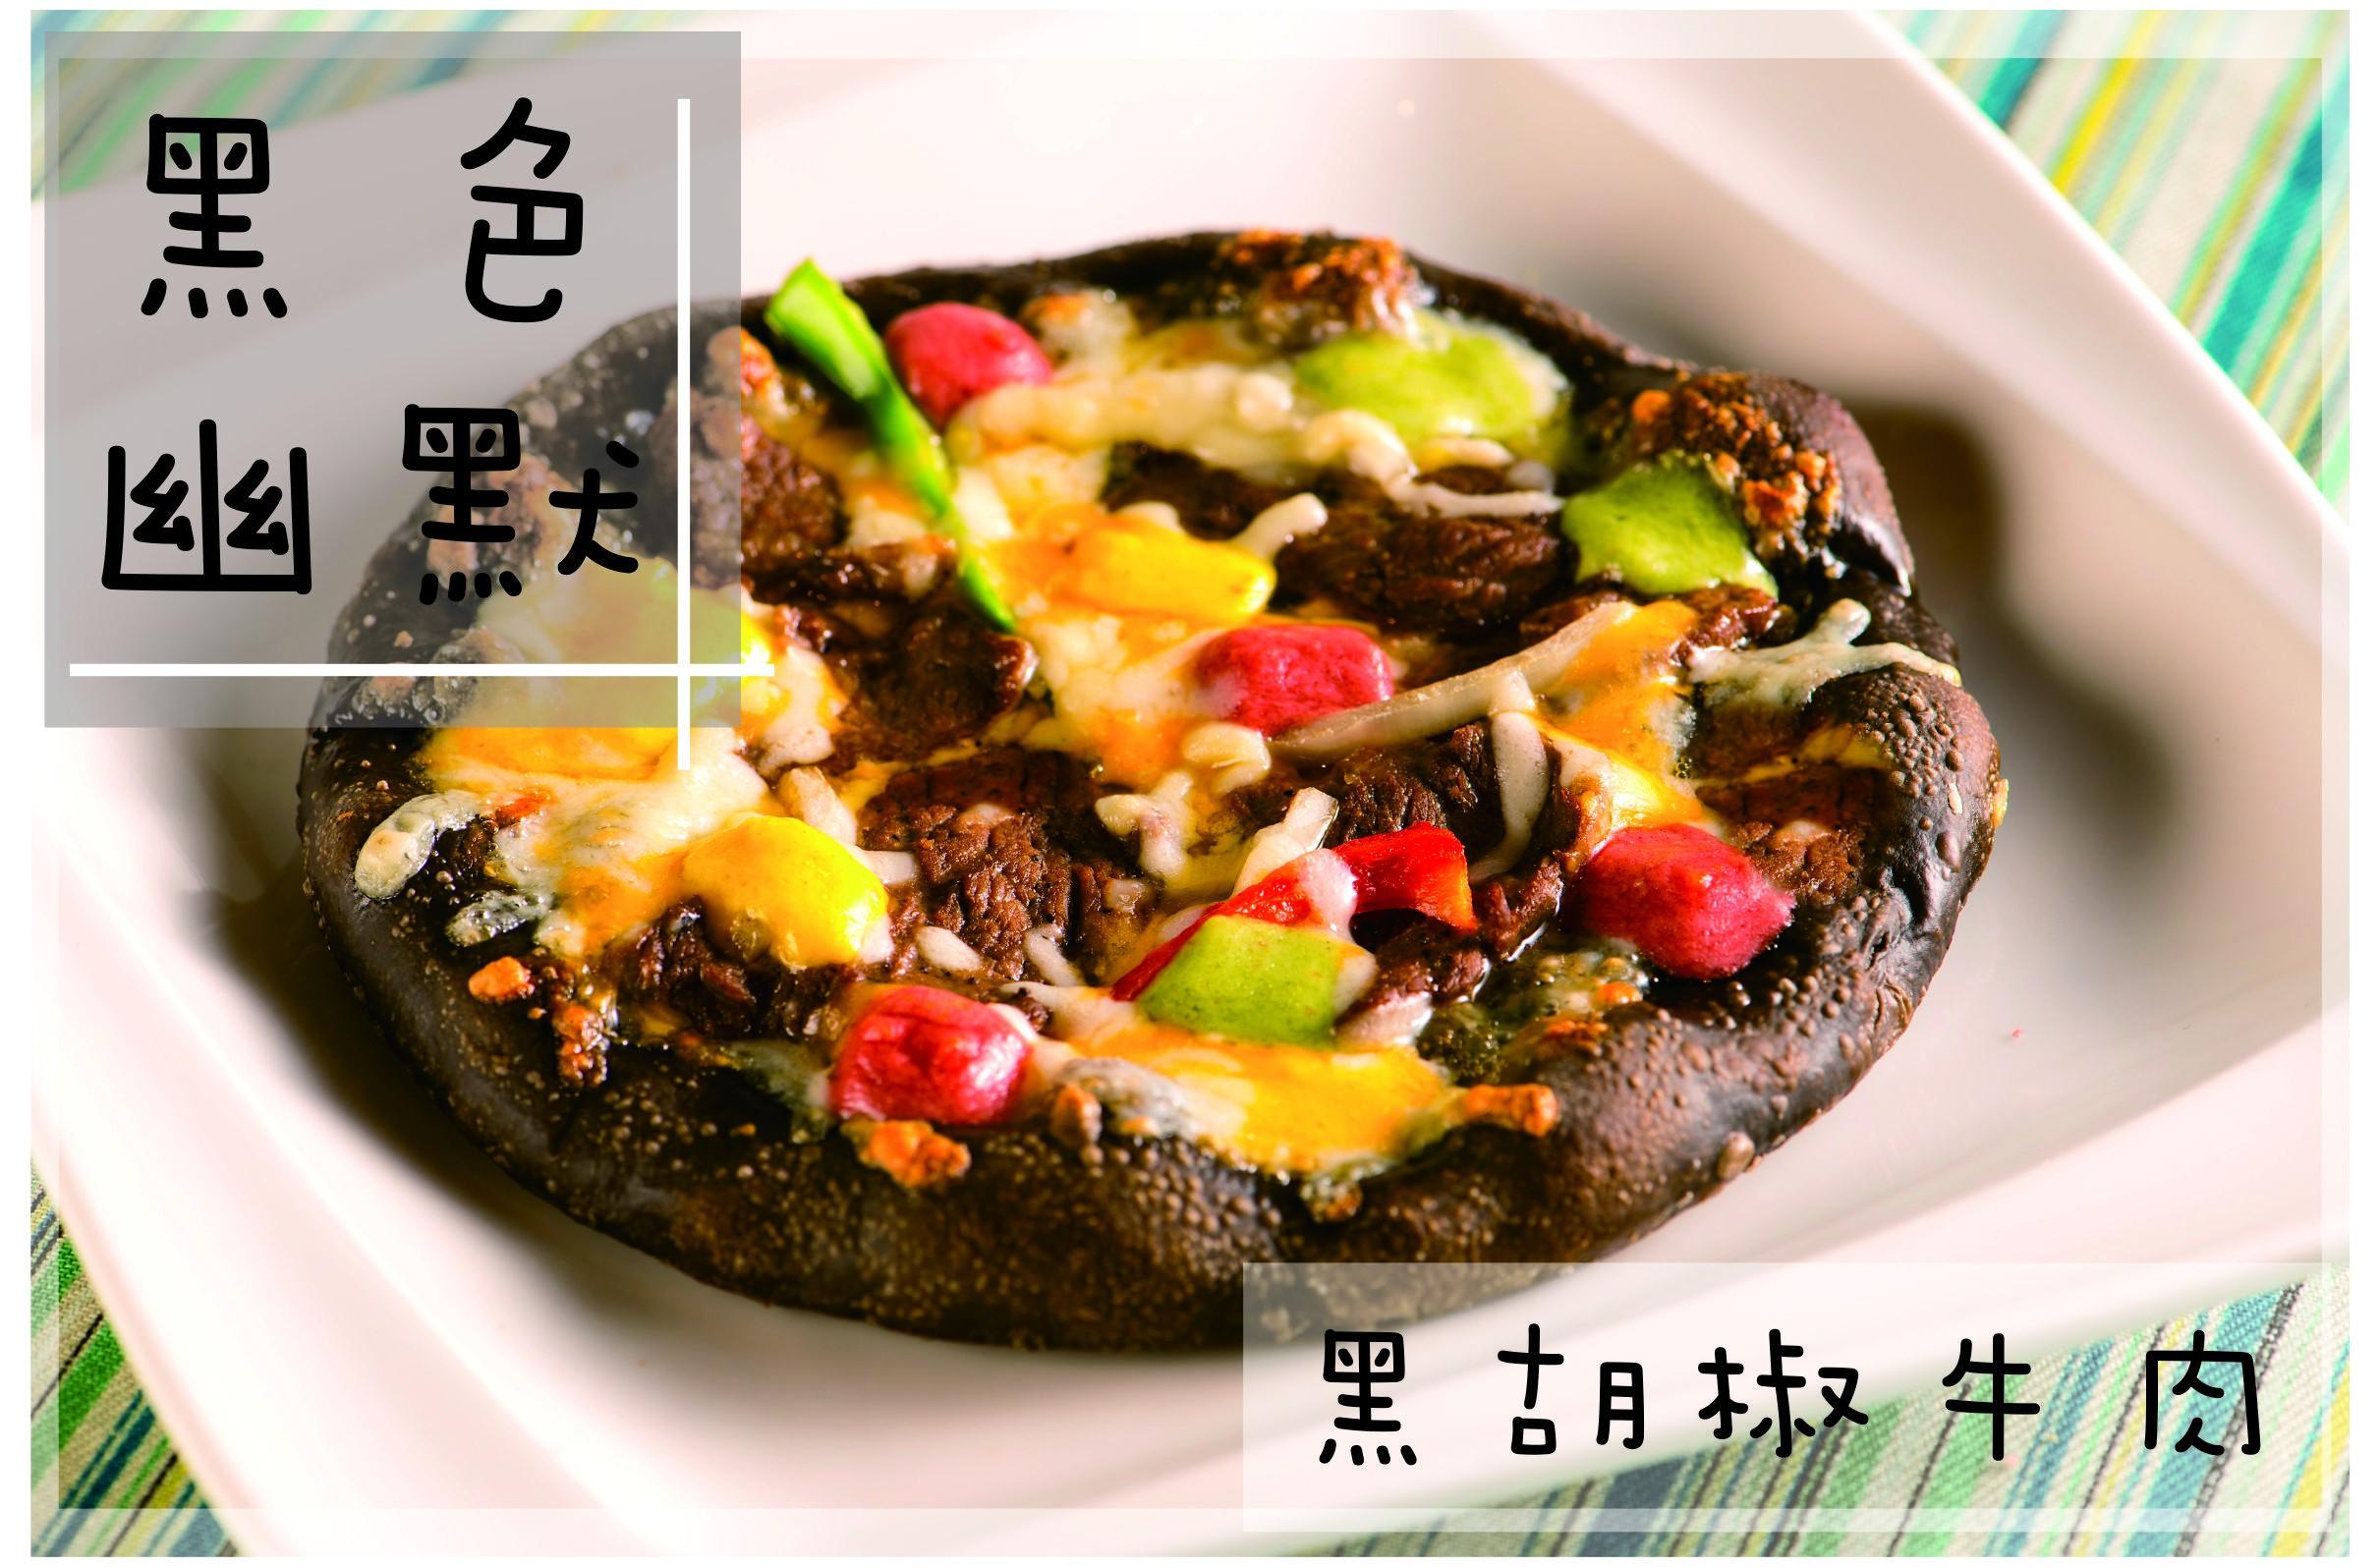 6.5吋彩色Pizza - 黑色幽默(黑胡椒牛肉--微辣)